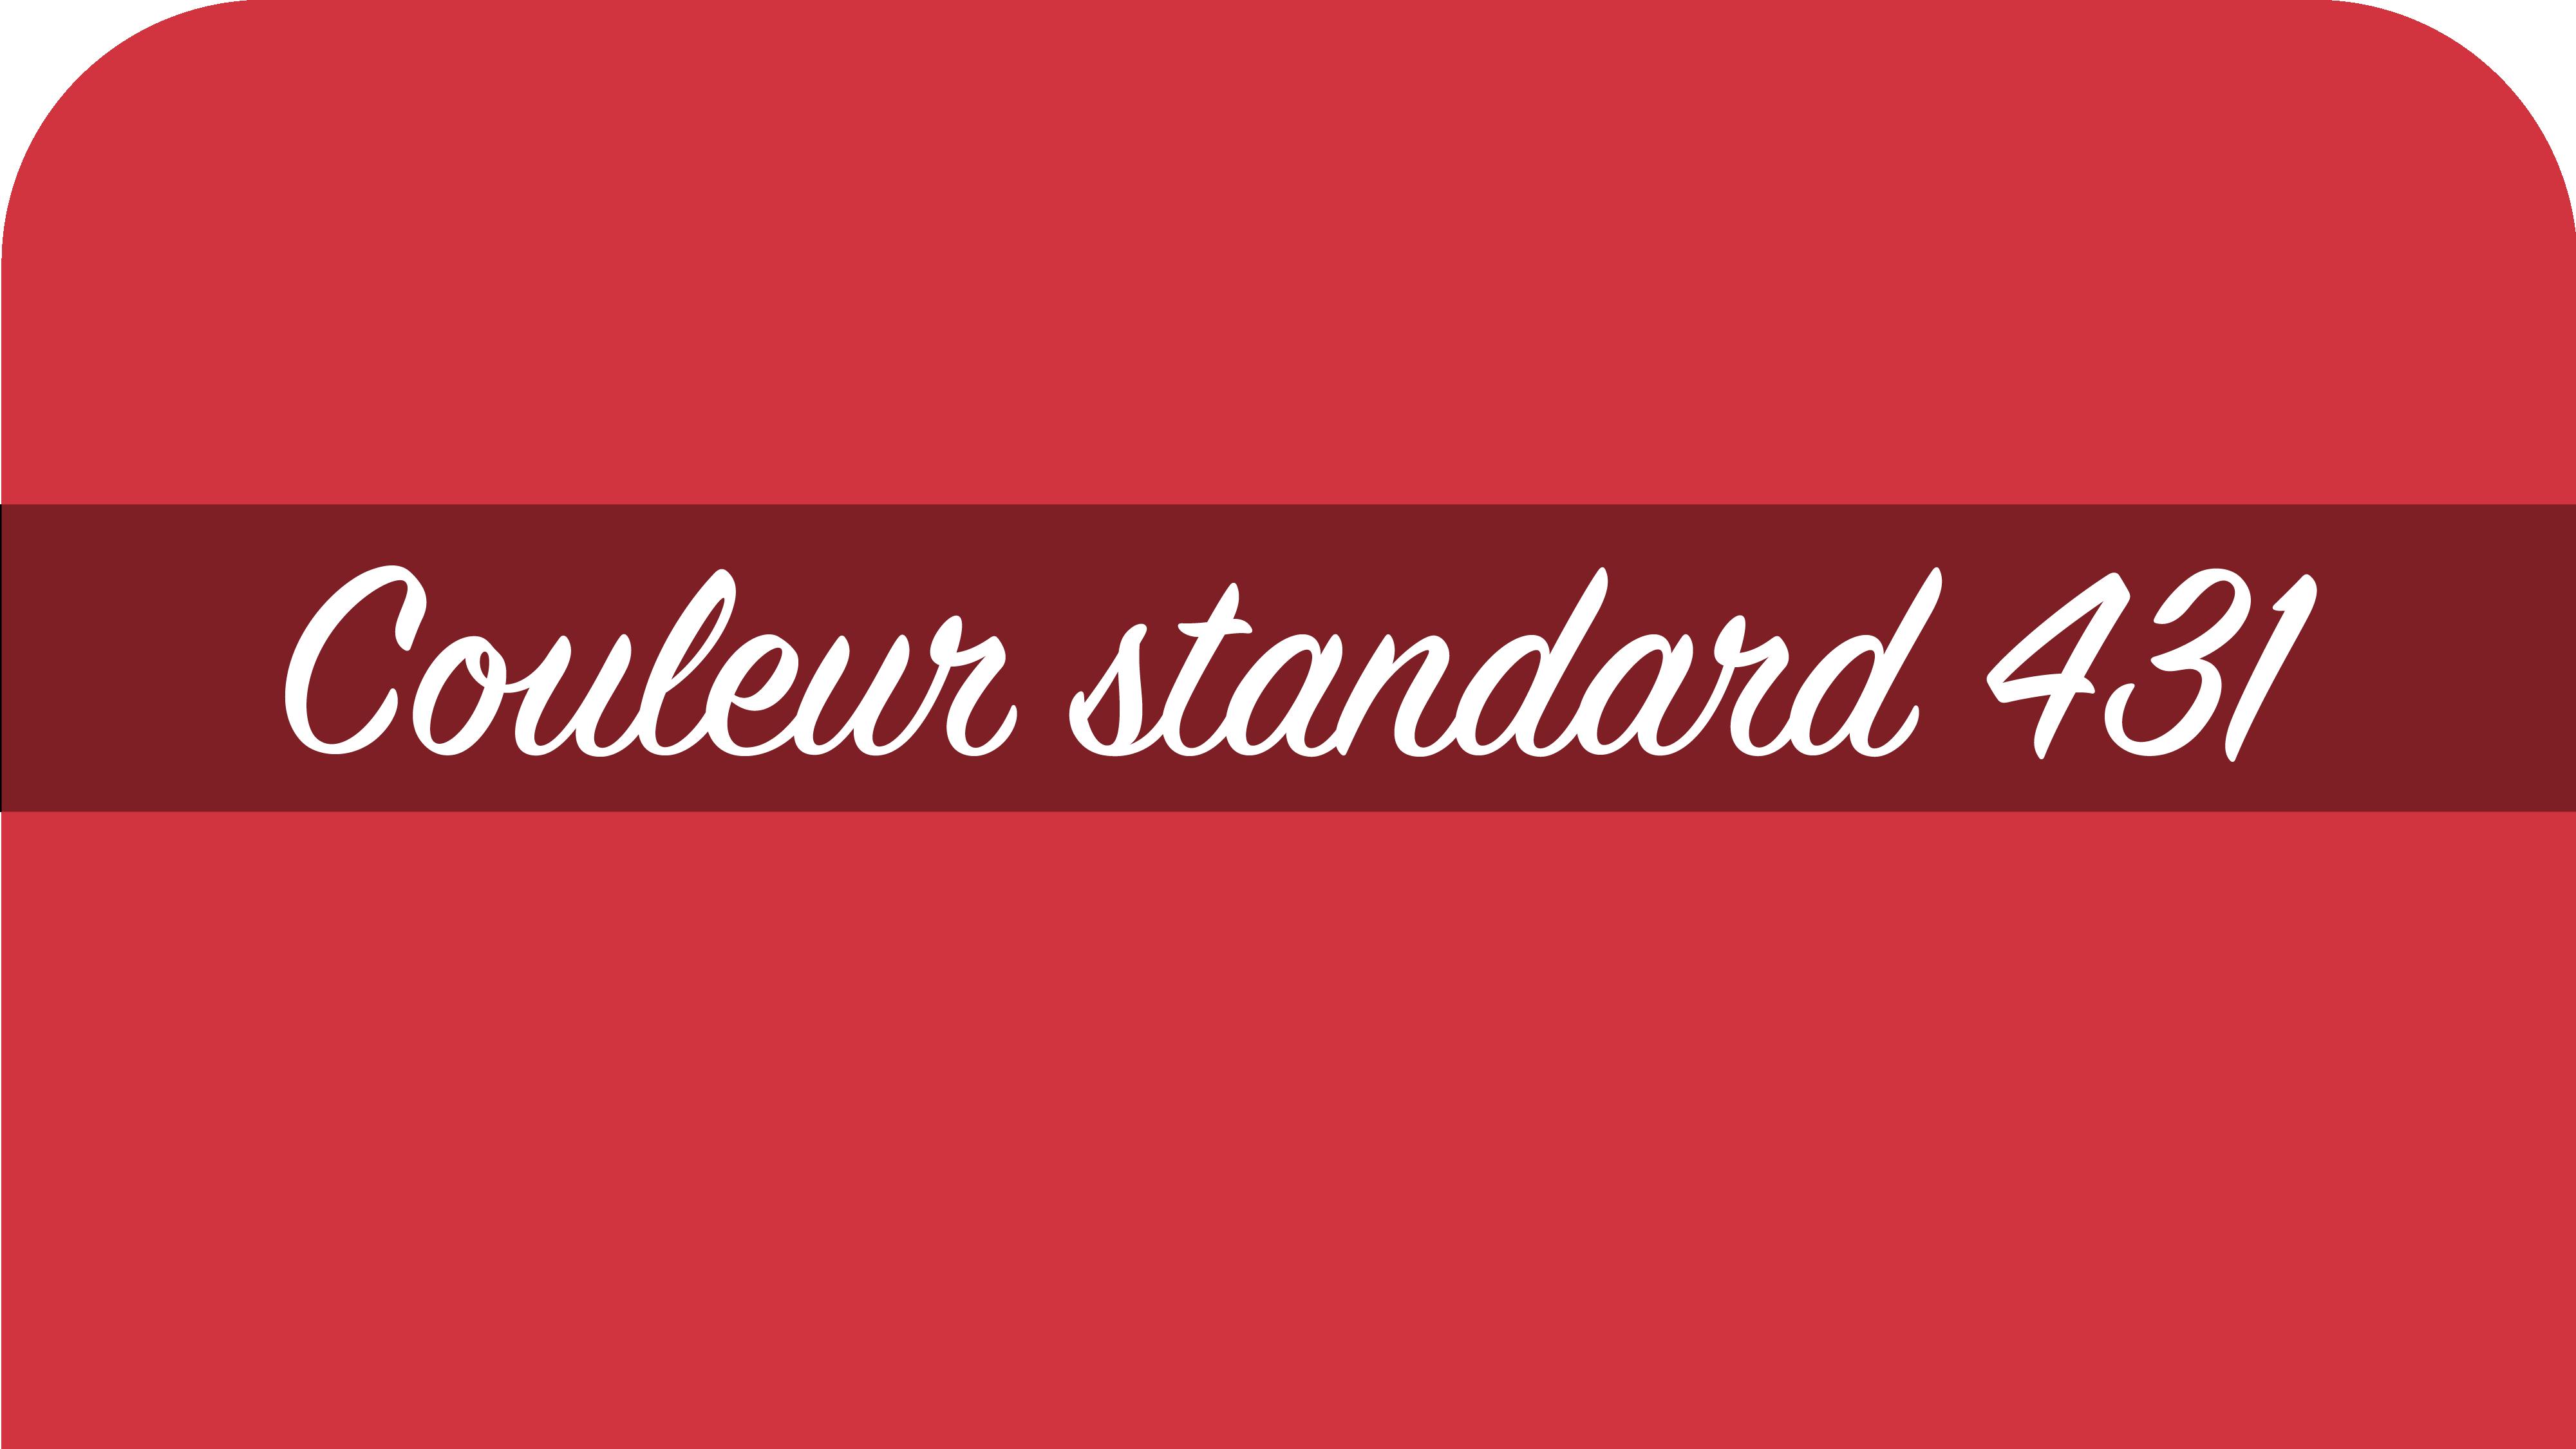 couleur-standard-431